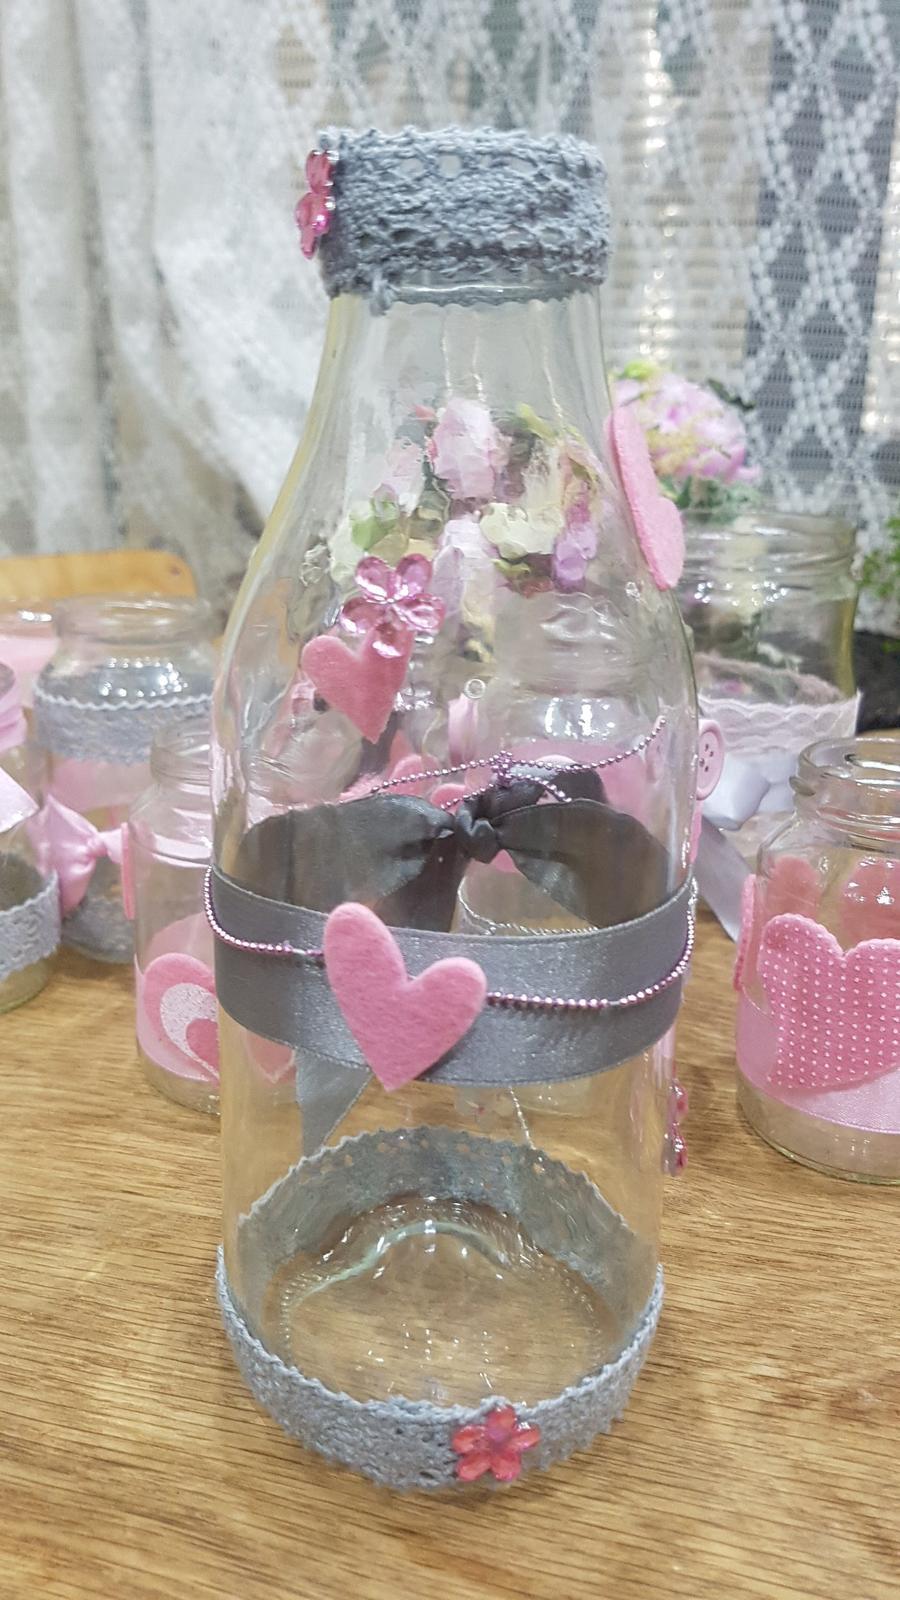 sklenice zdobená(váza, na vzkazy, brčka či nápoje) - Obrázek č. 1